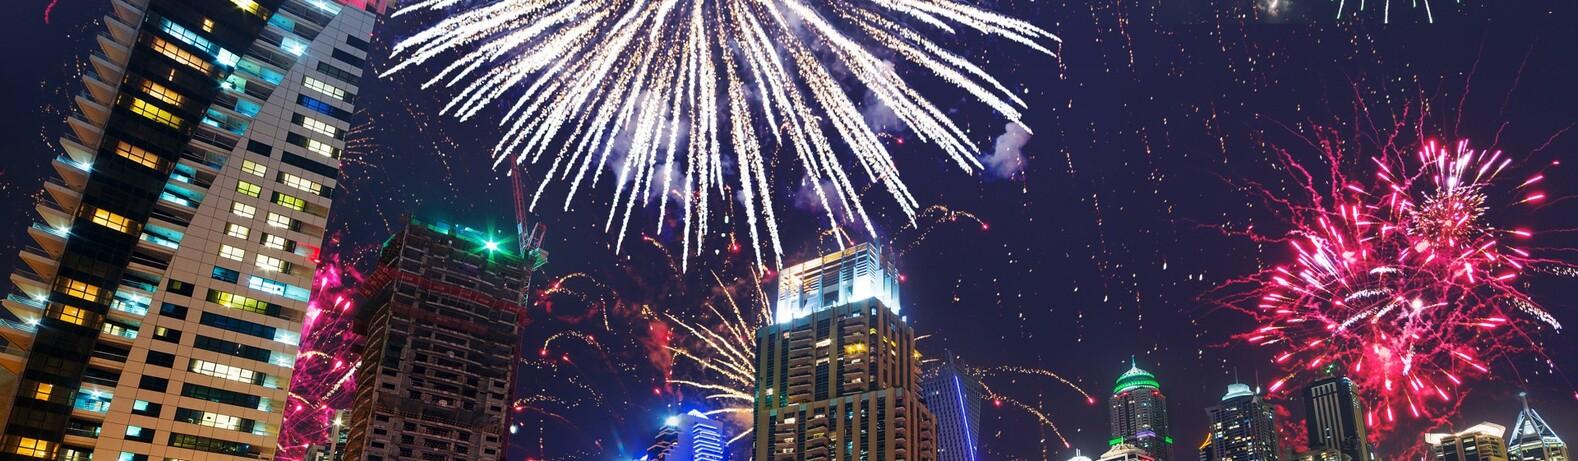 Nova godina - Daleka putovanja